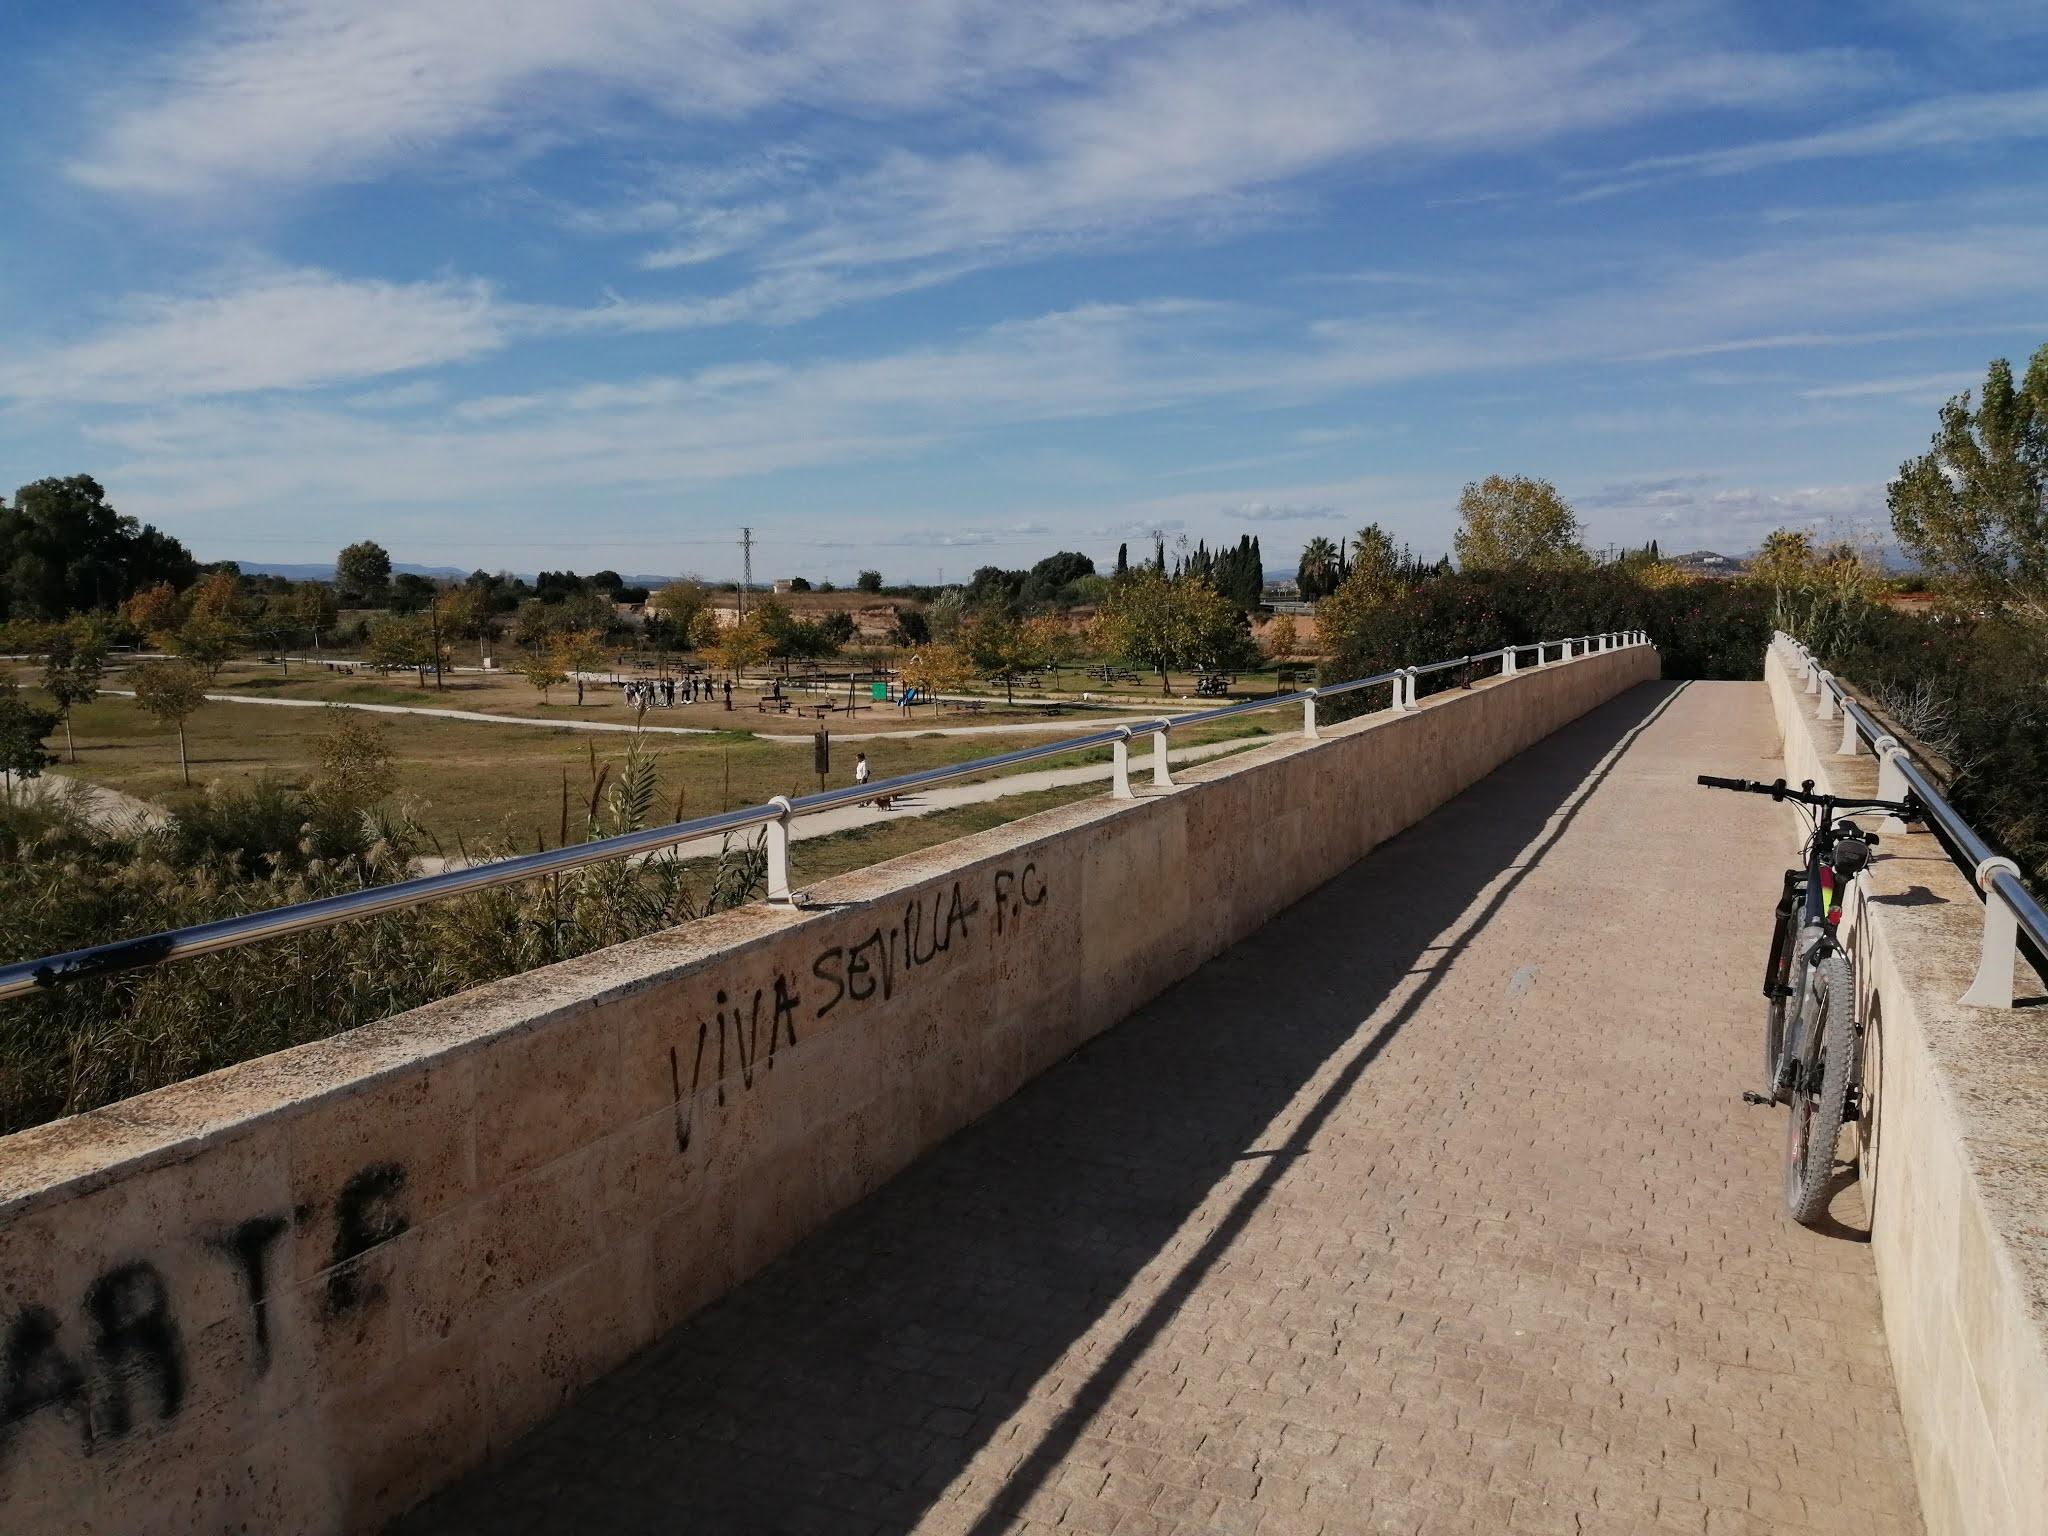 Rest area in Ribarroja del Turia, Valencia